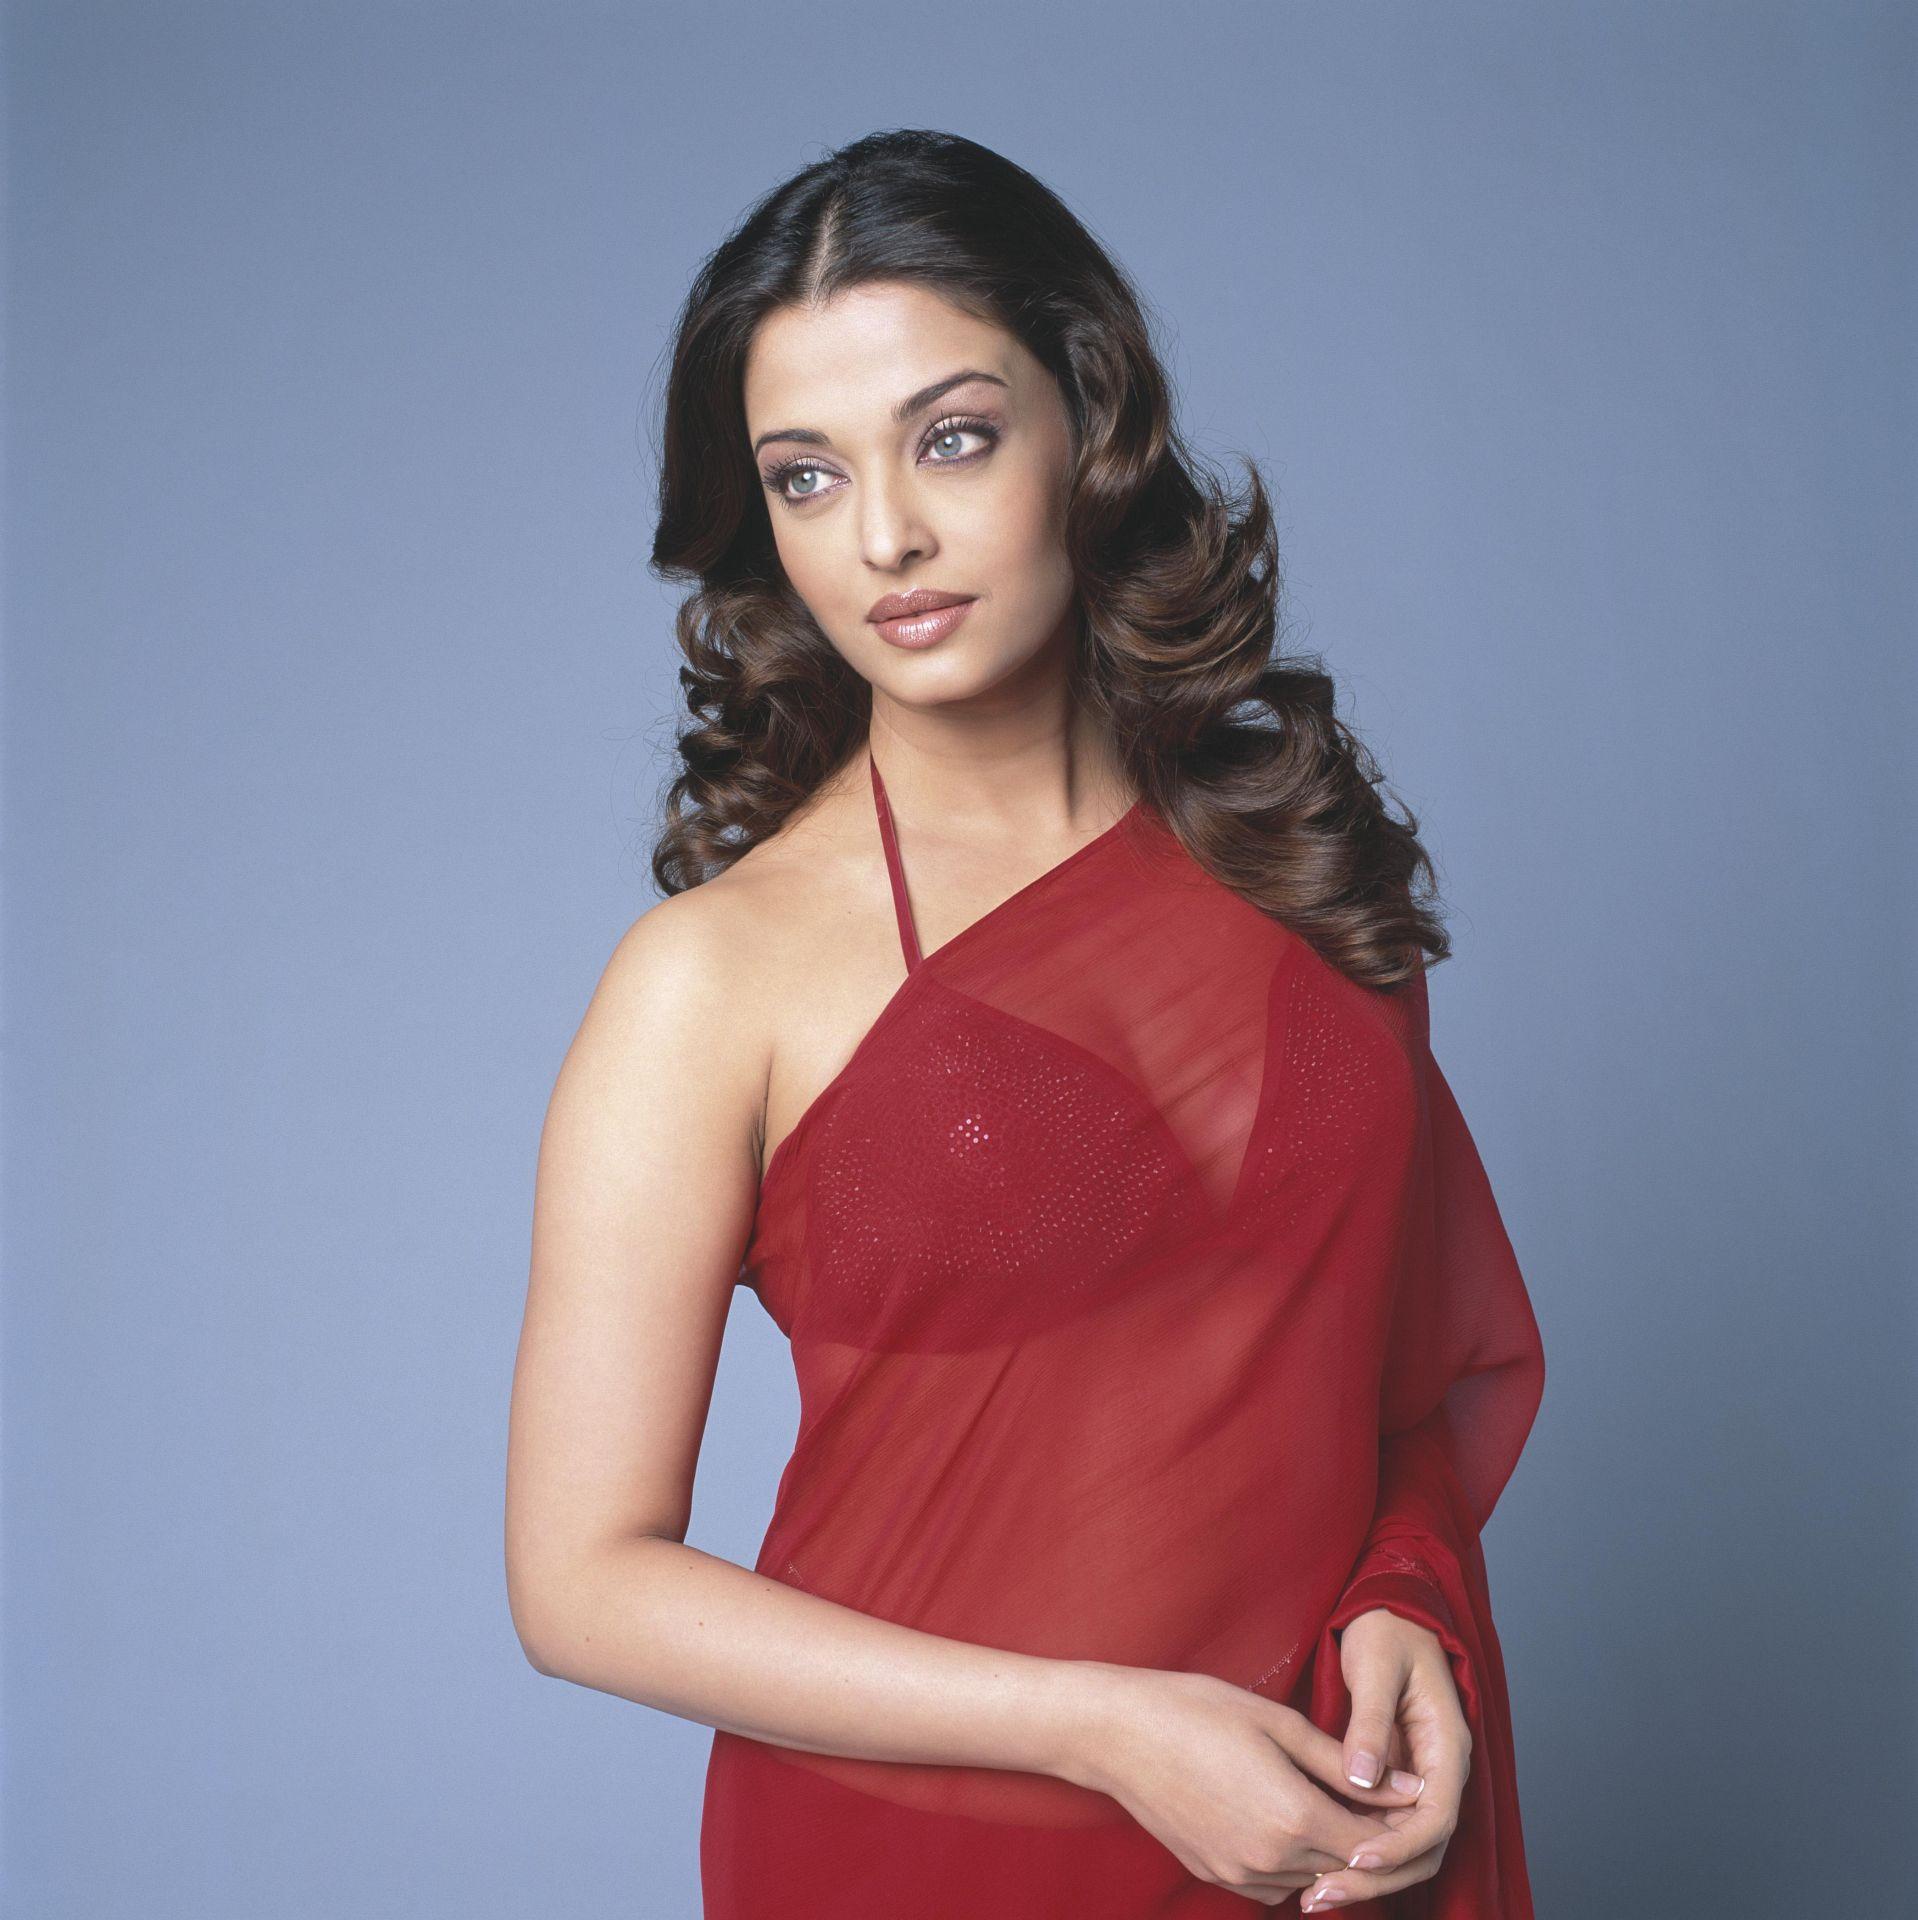 aishwarya rai photos - photo #45